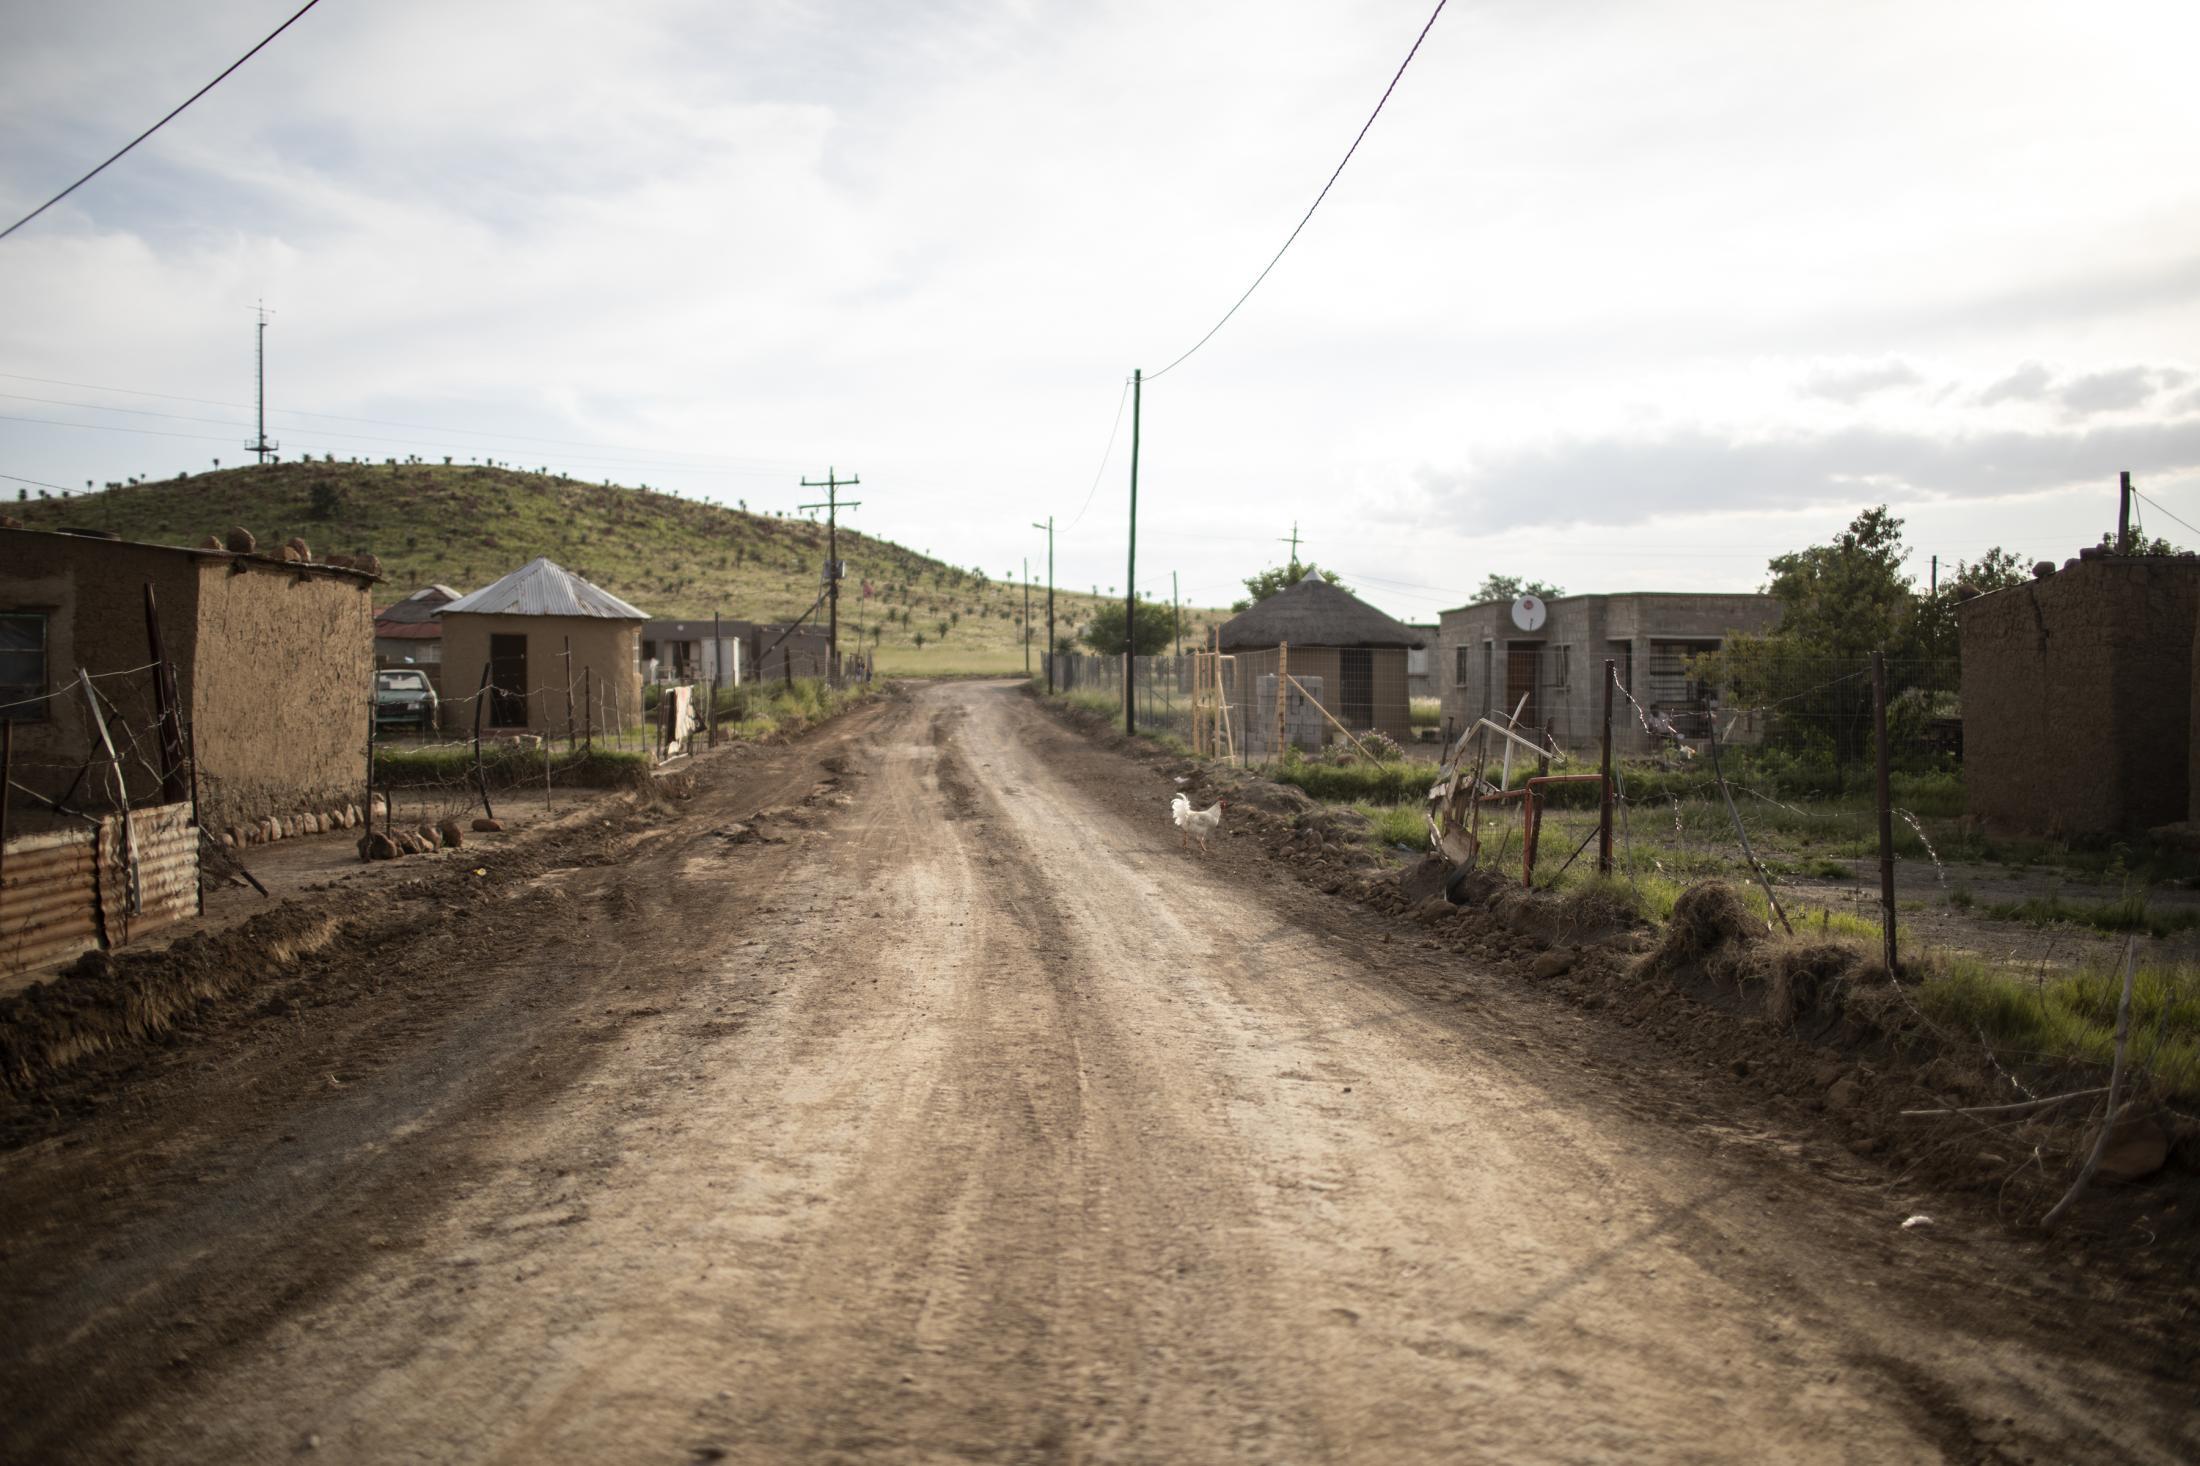 17 February 2020: A scene outside the Vilakazi home in Watersmeet, Ladysmith, Kwa-Zulu Natal.